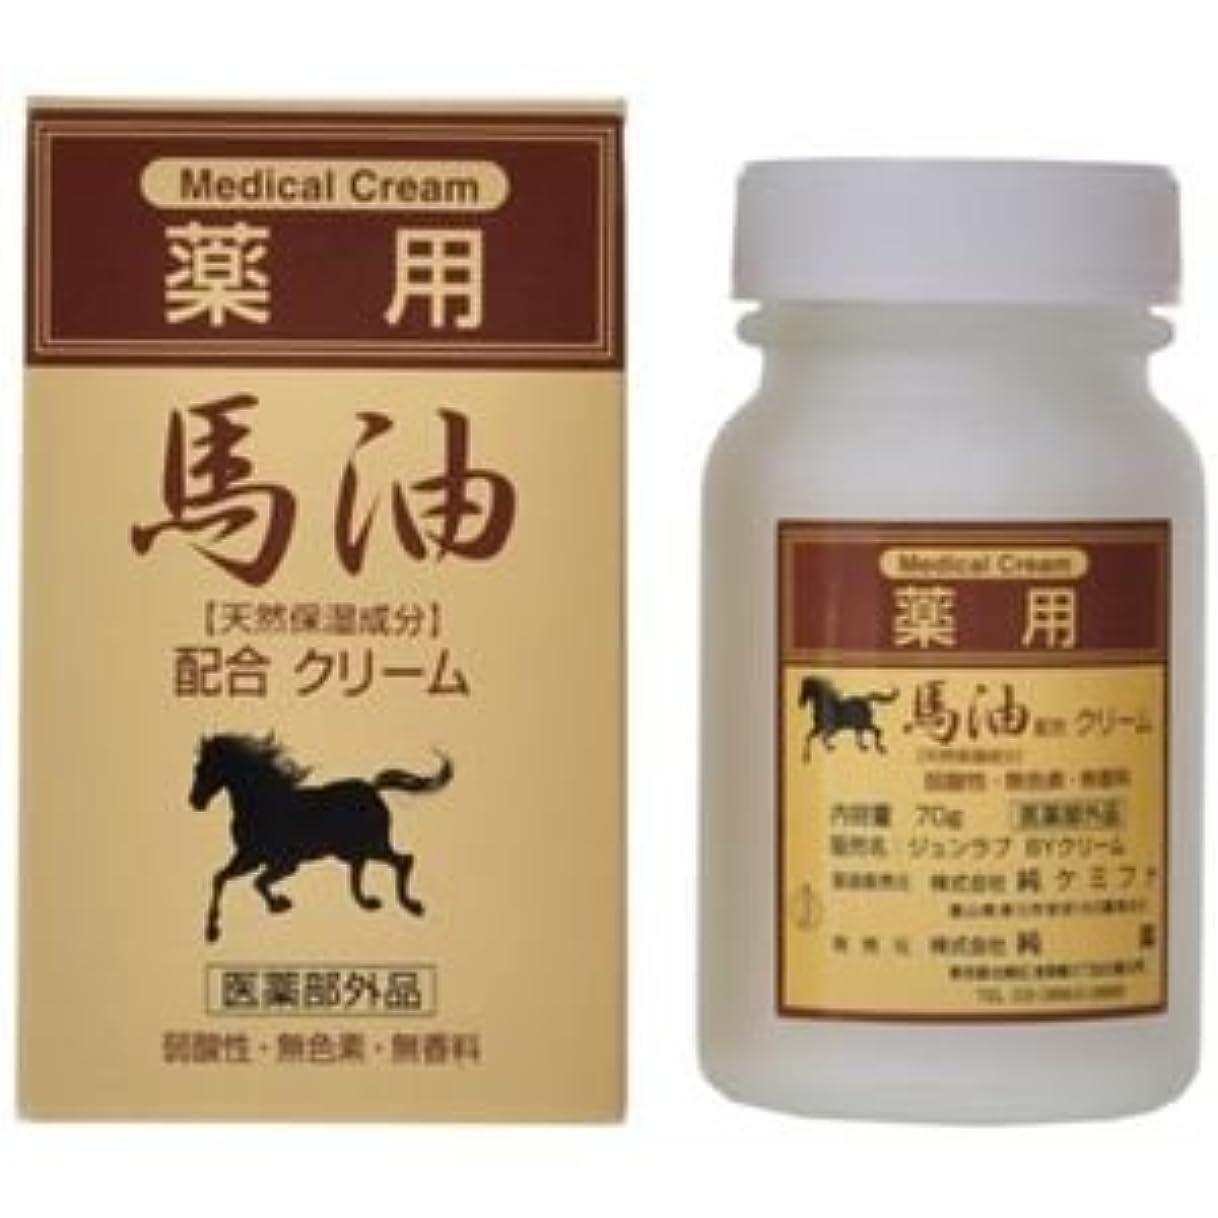 シュリンクズーム事純薬 薬用 馬油配合クリーム 70g 4セット